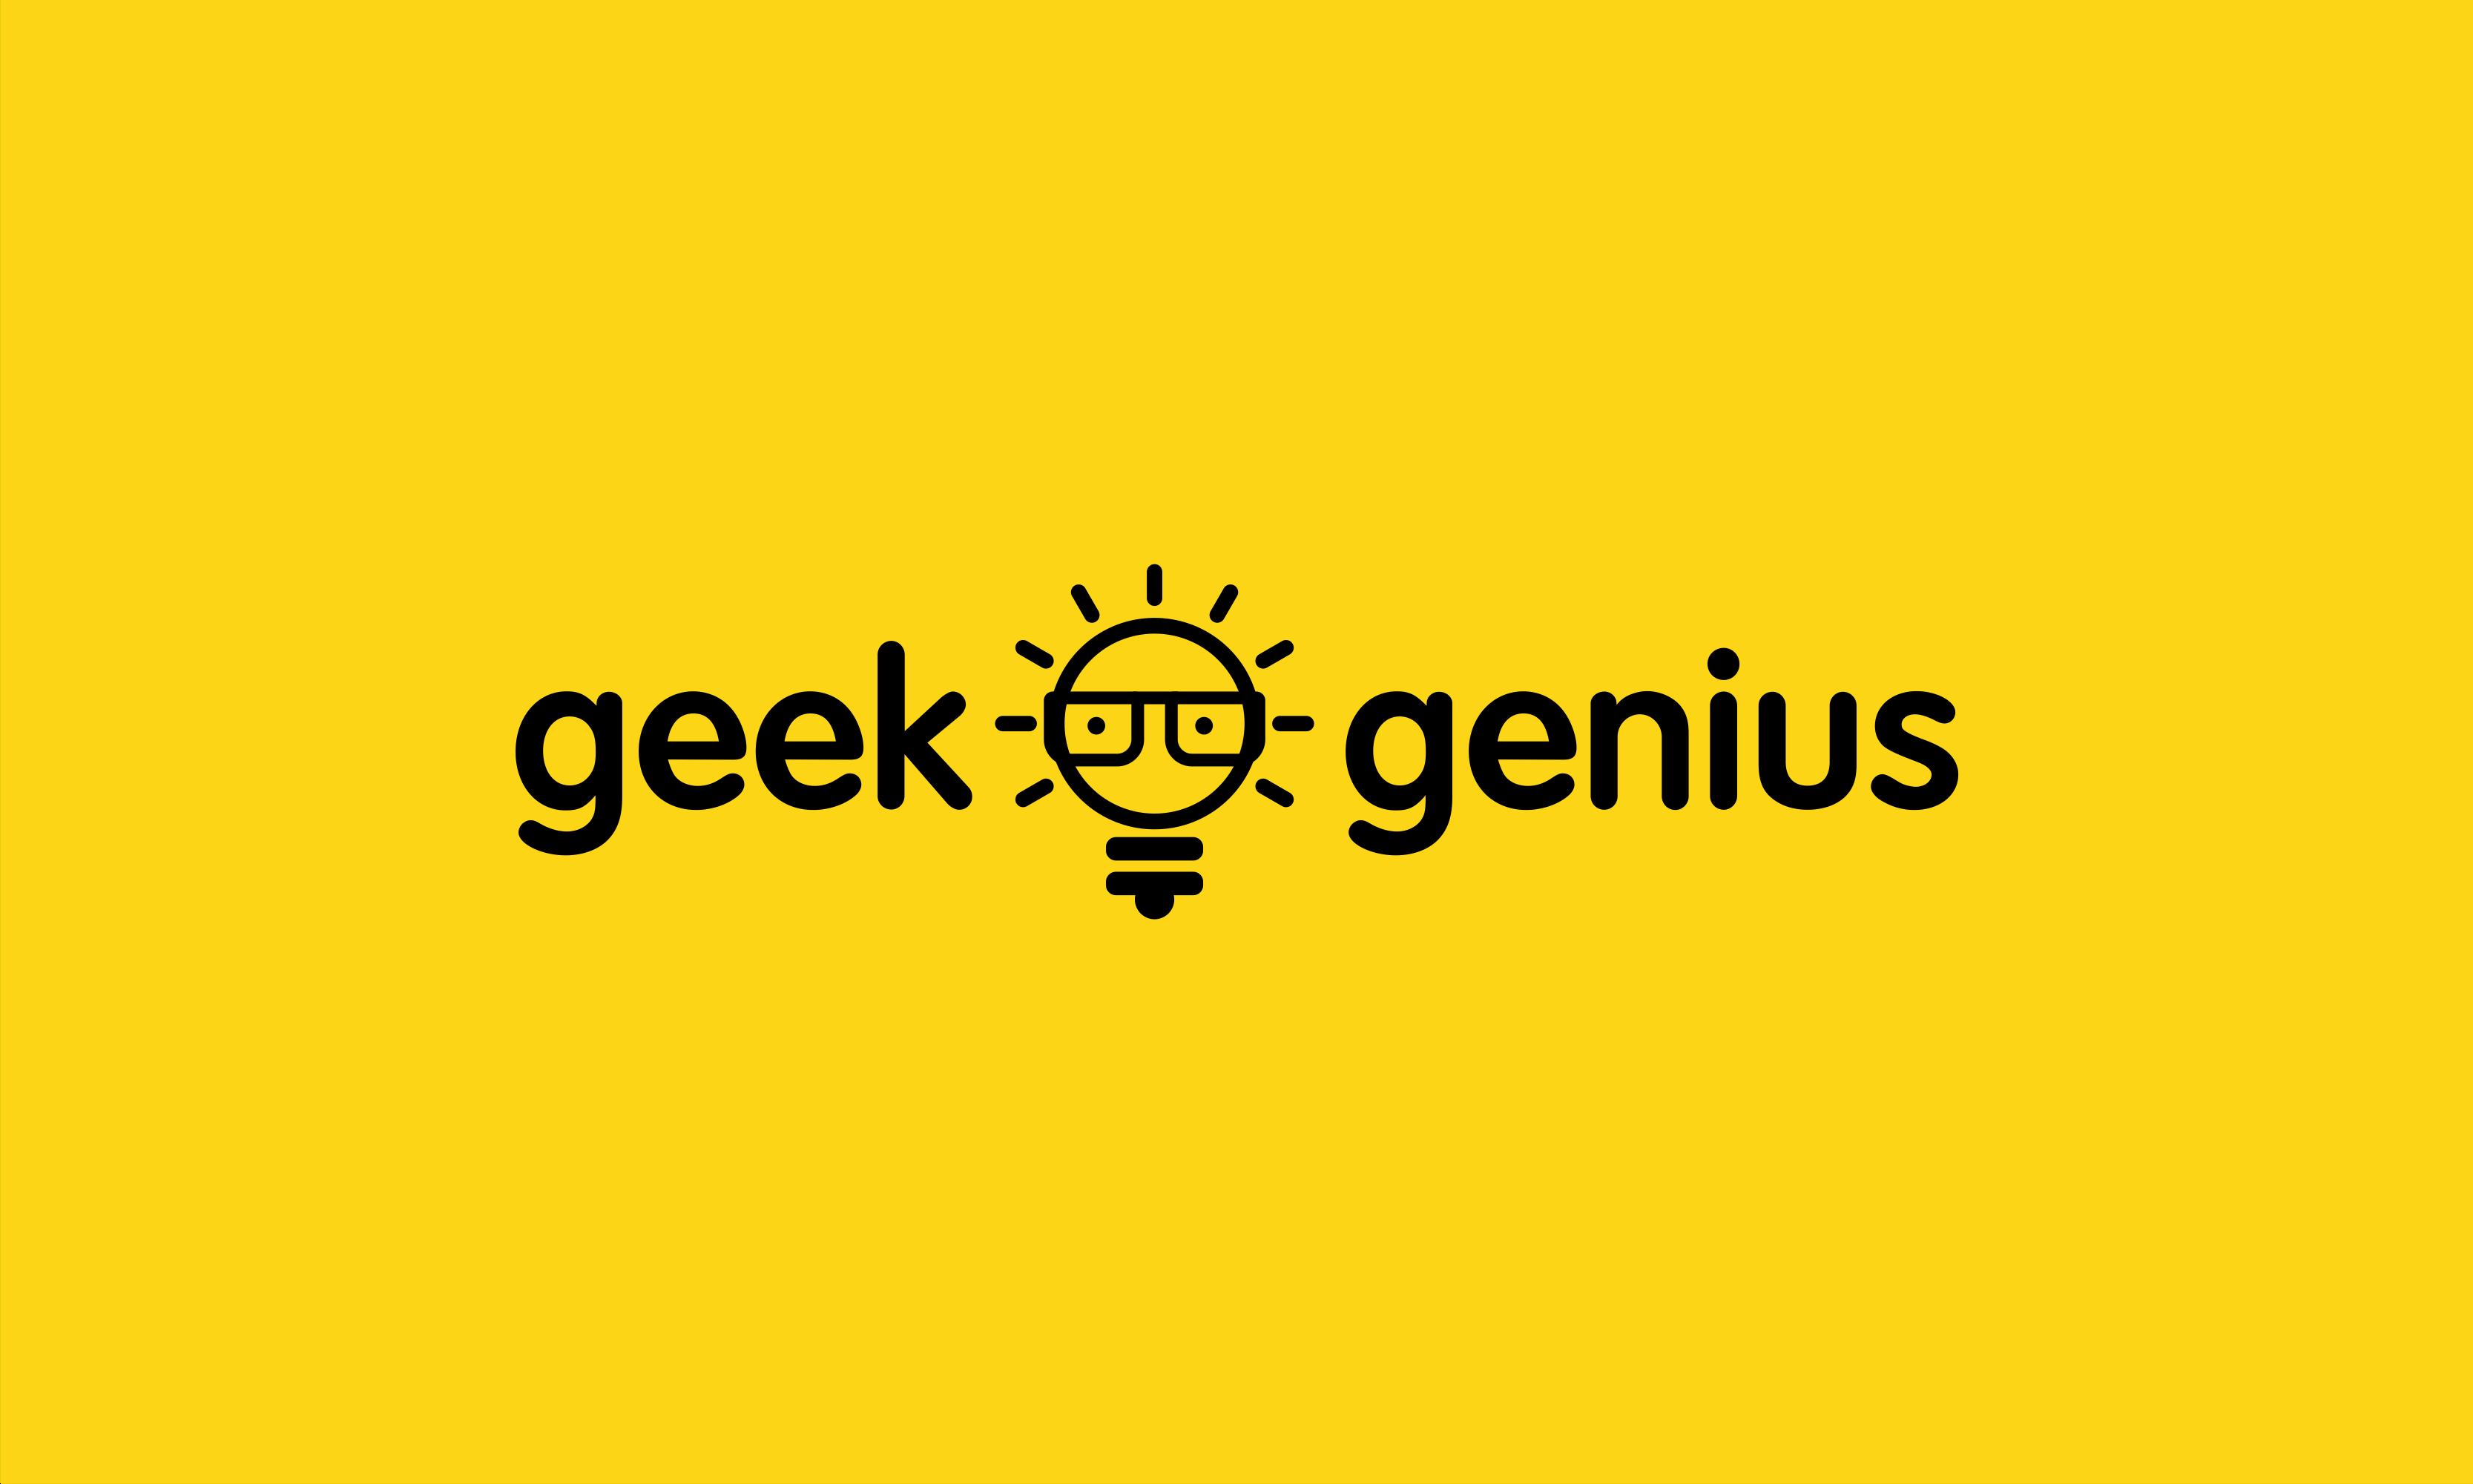 Geekgenius